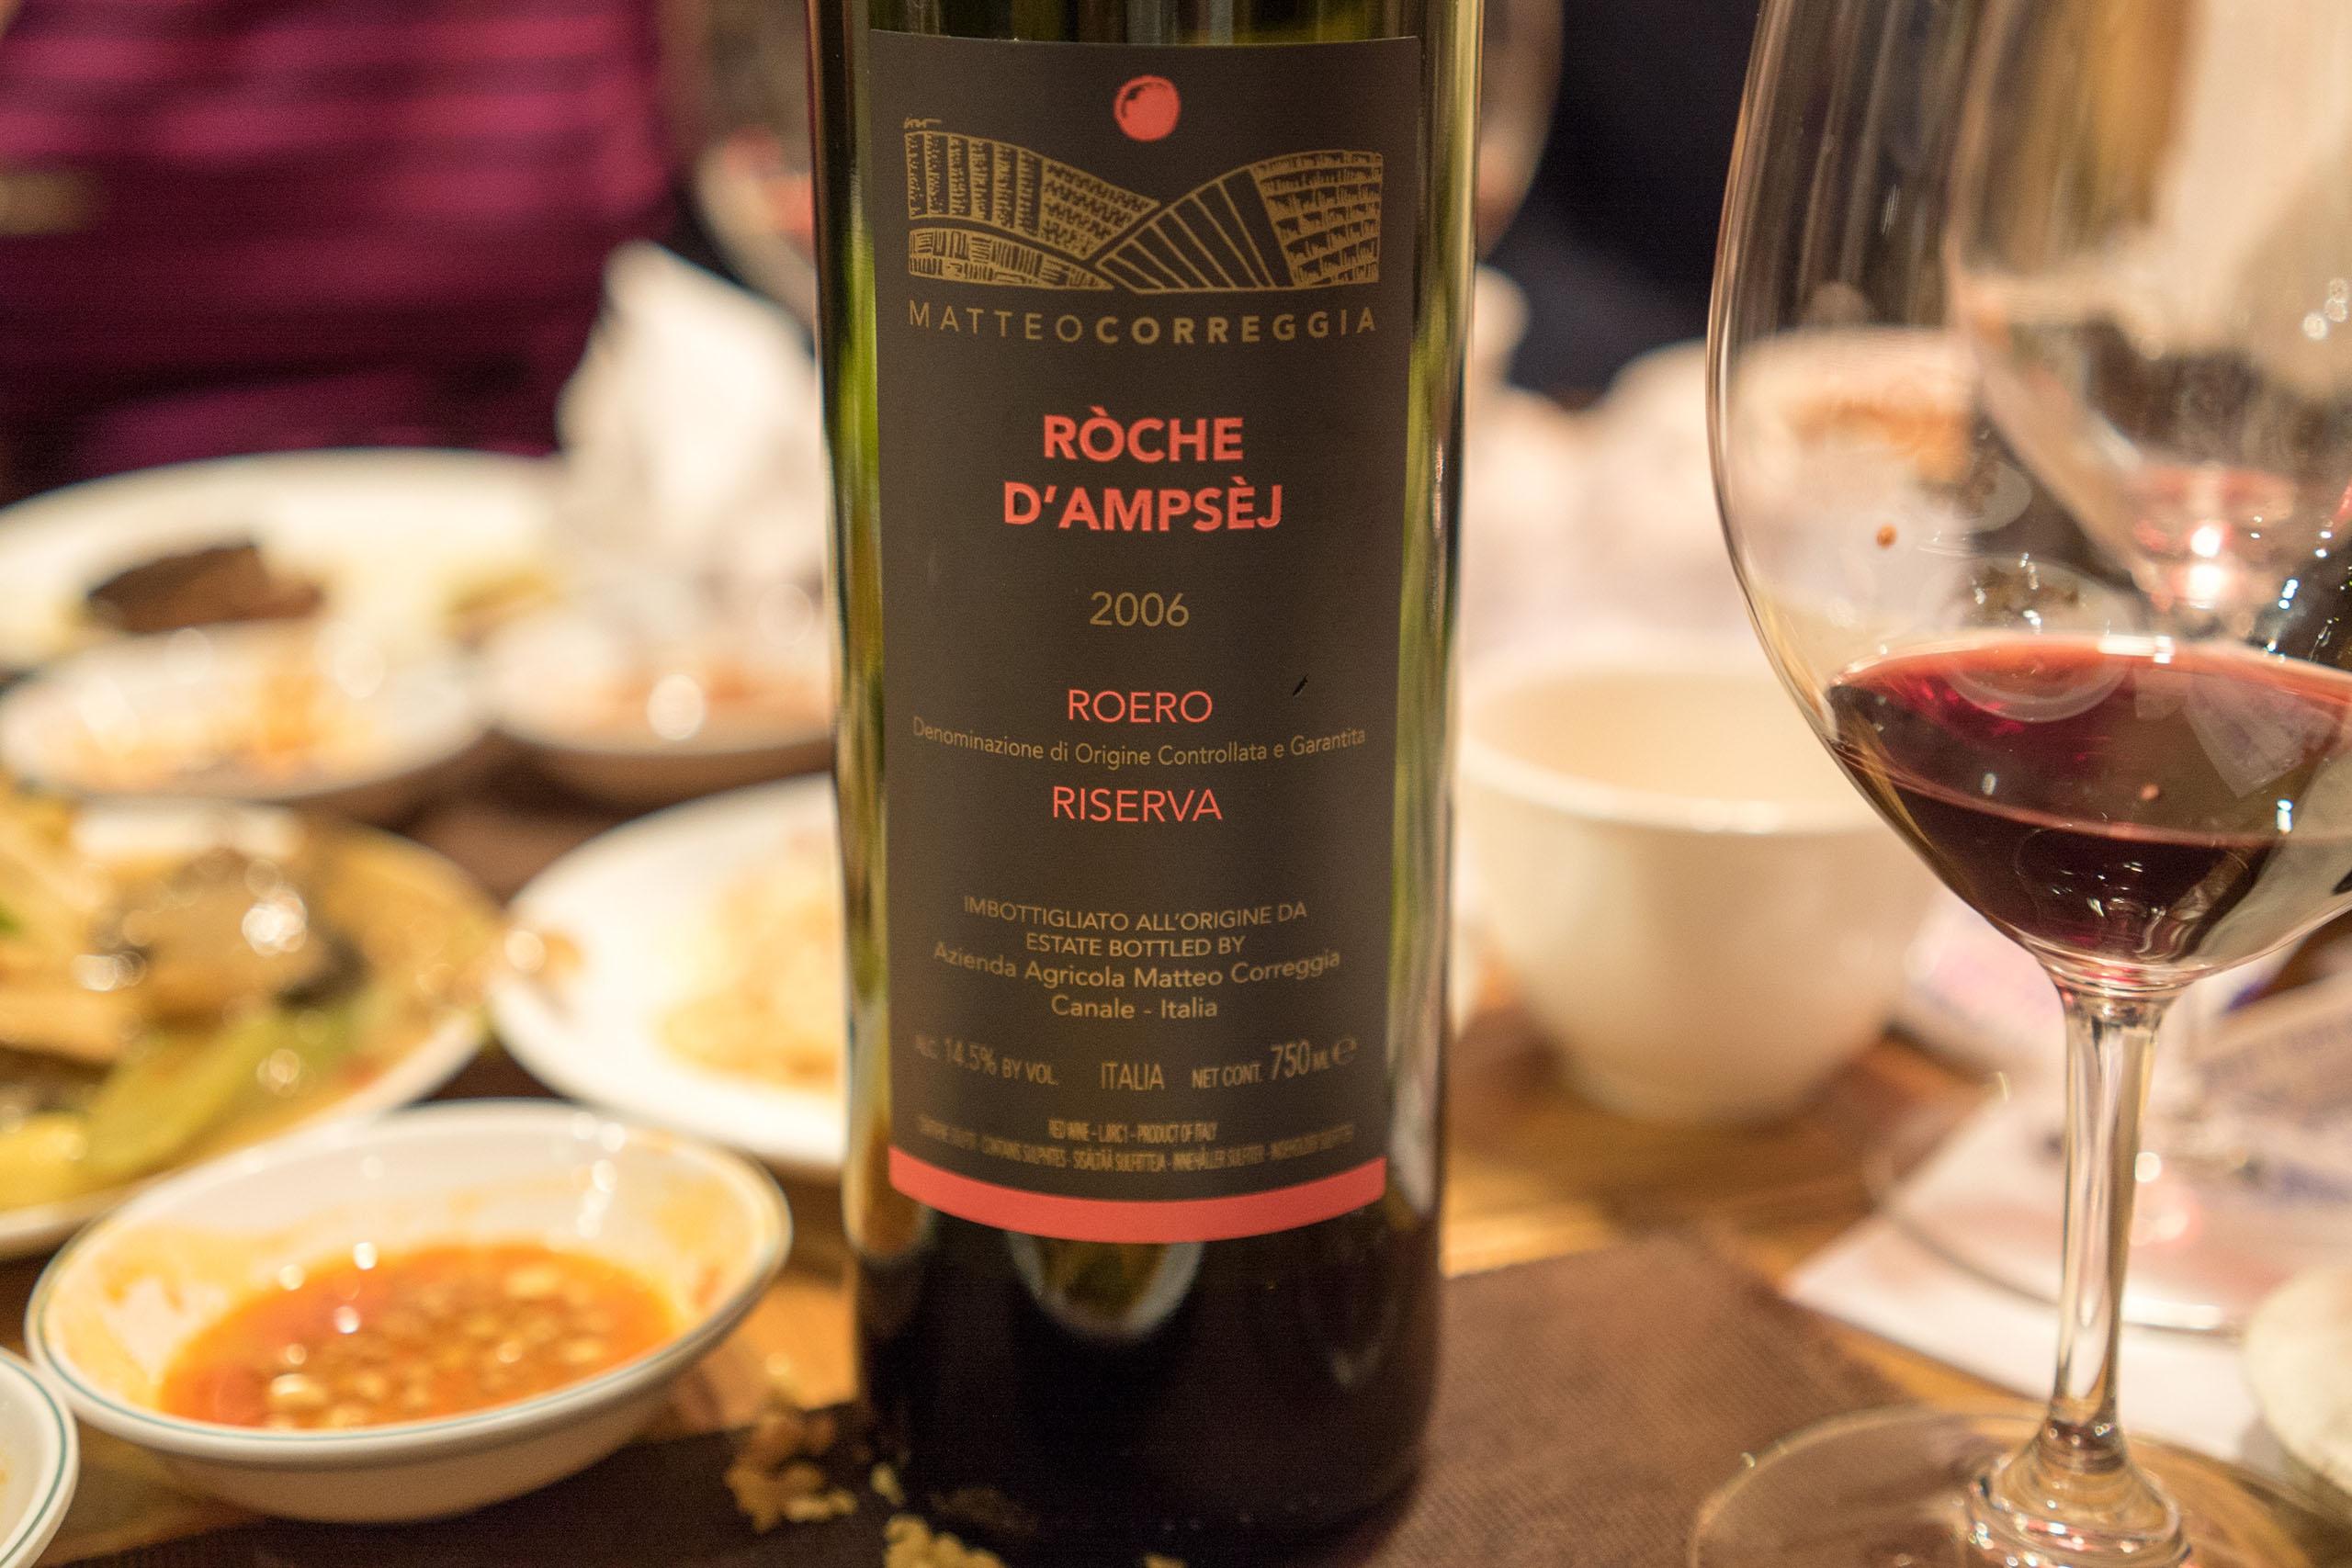 Roche Dampsej